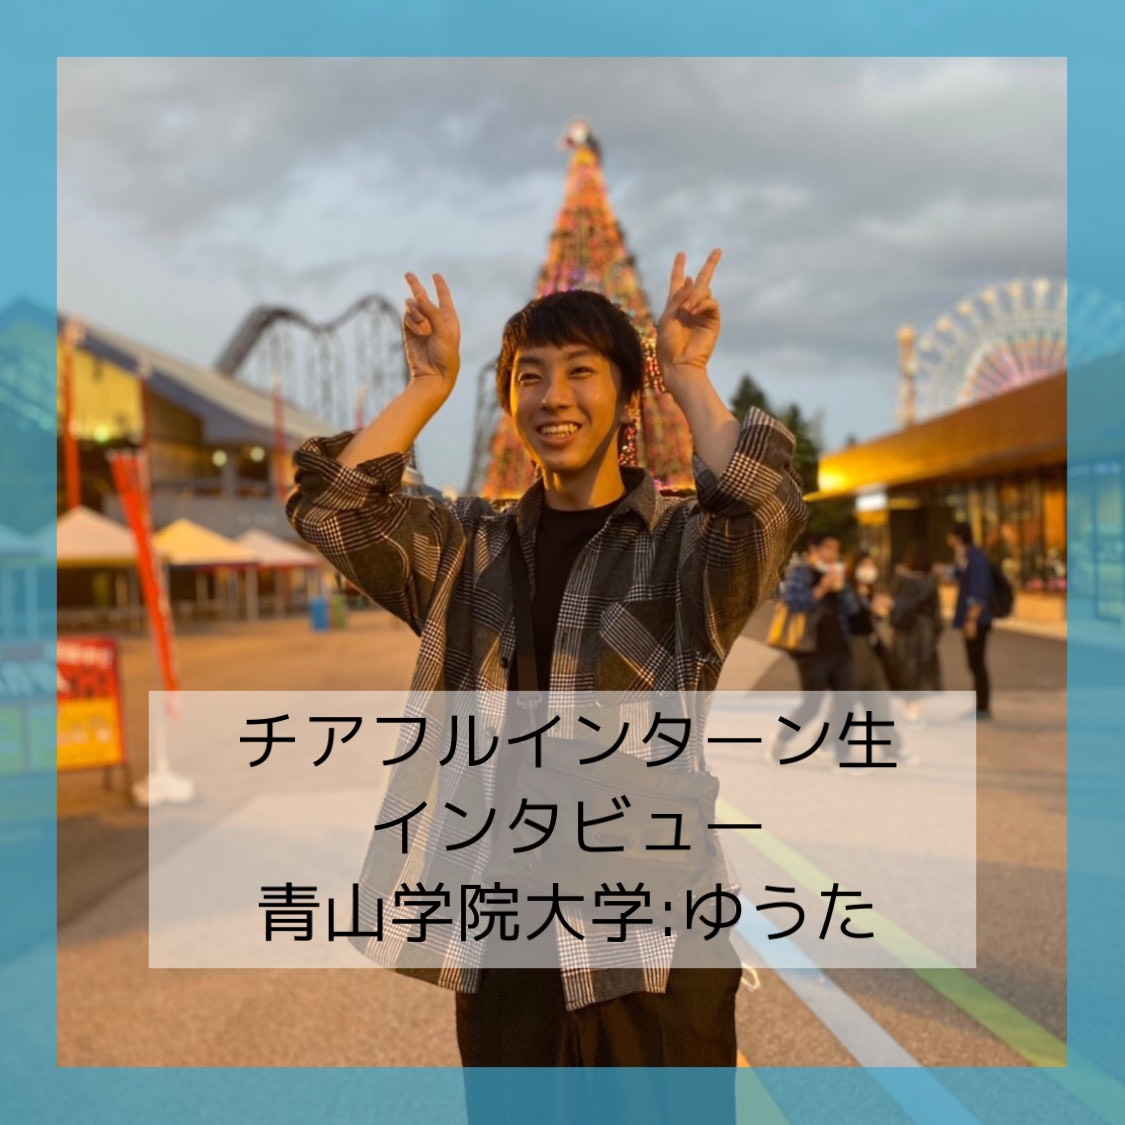 【東京22卒:青山学院大学】自分達が東京のホットスポットを作る!